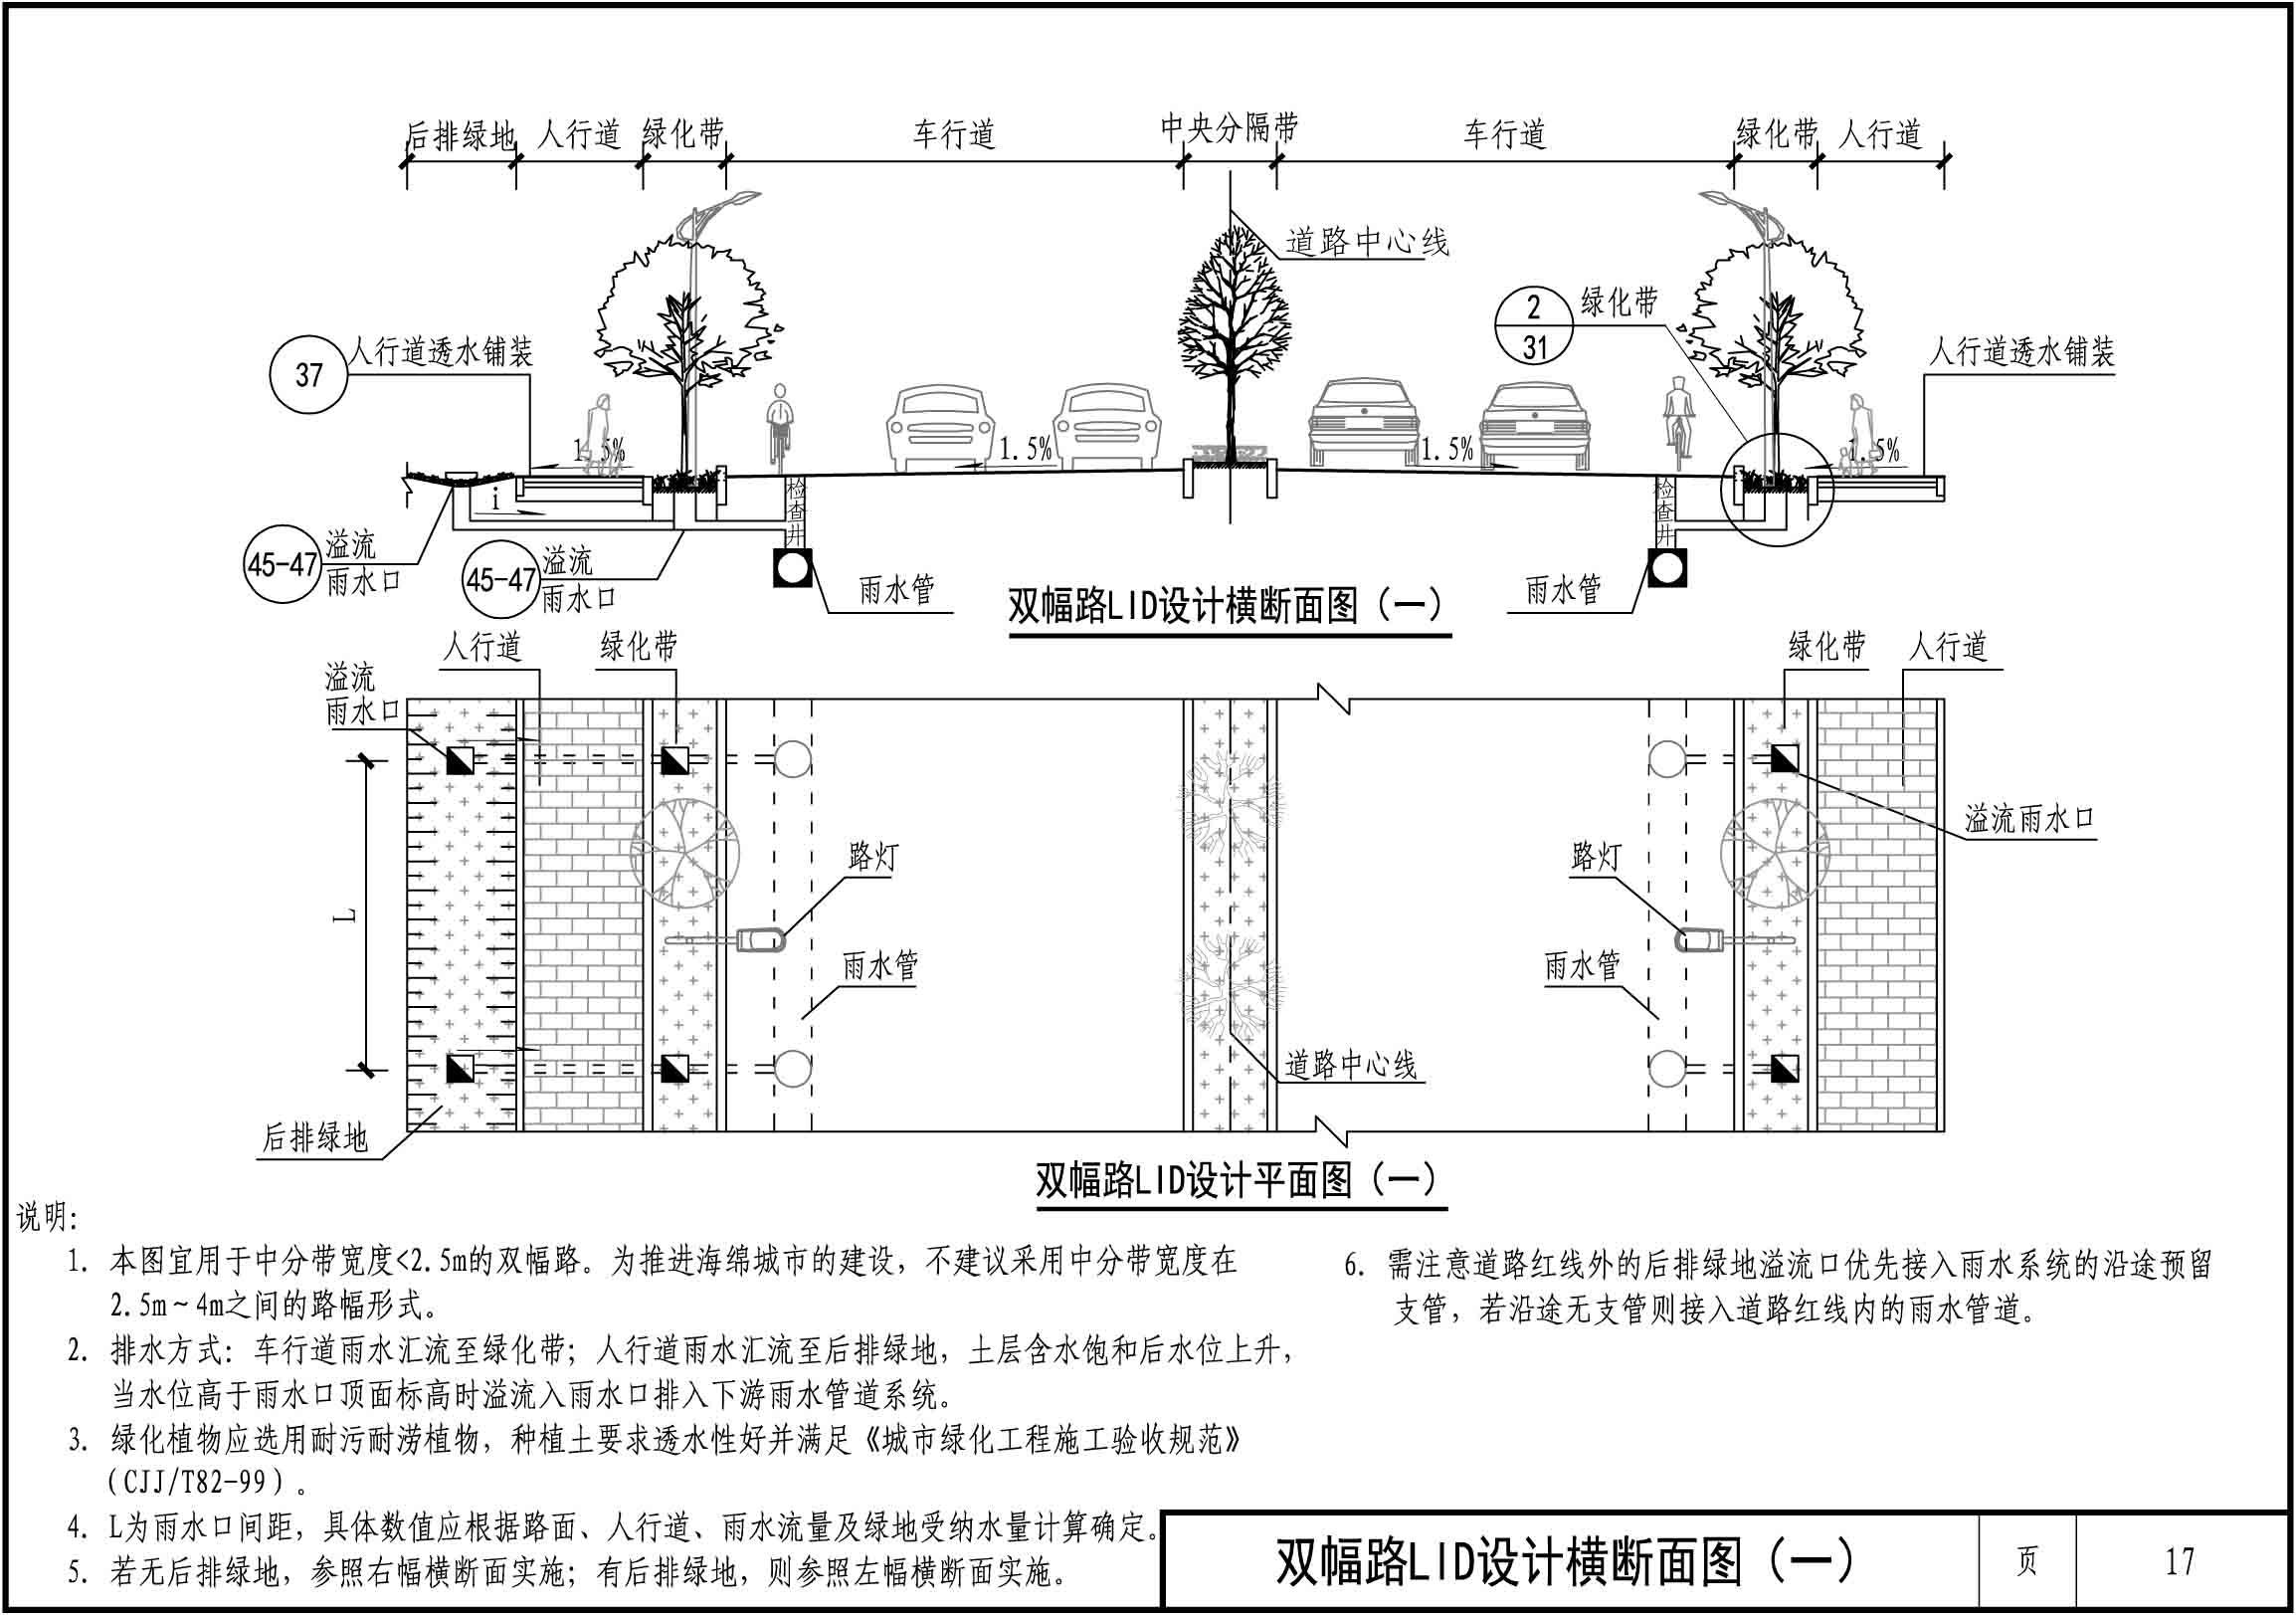 坡屋面种植构造做法 通用设施 通用设施设计说明 透水铺装 人行道树池图片